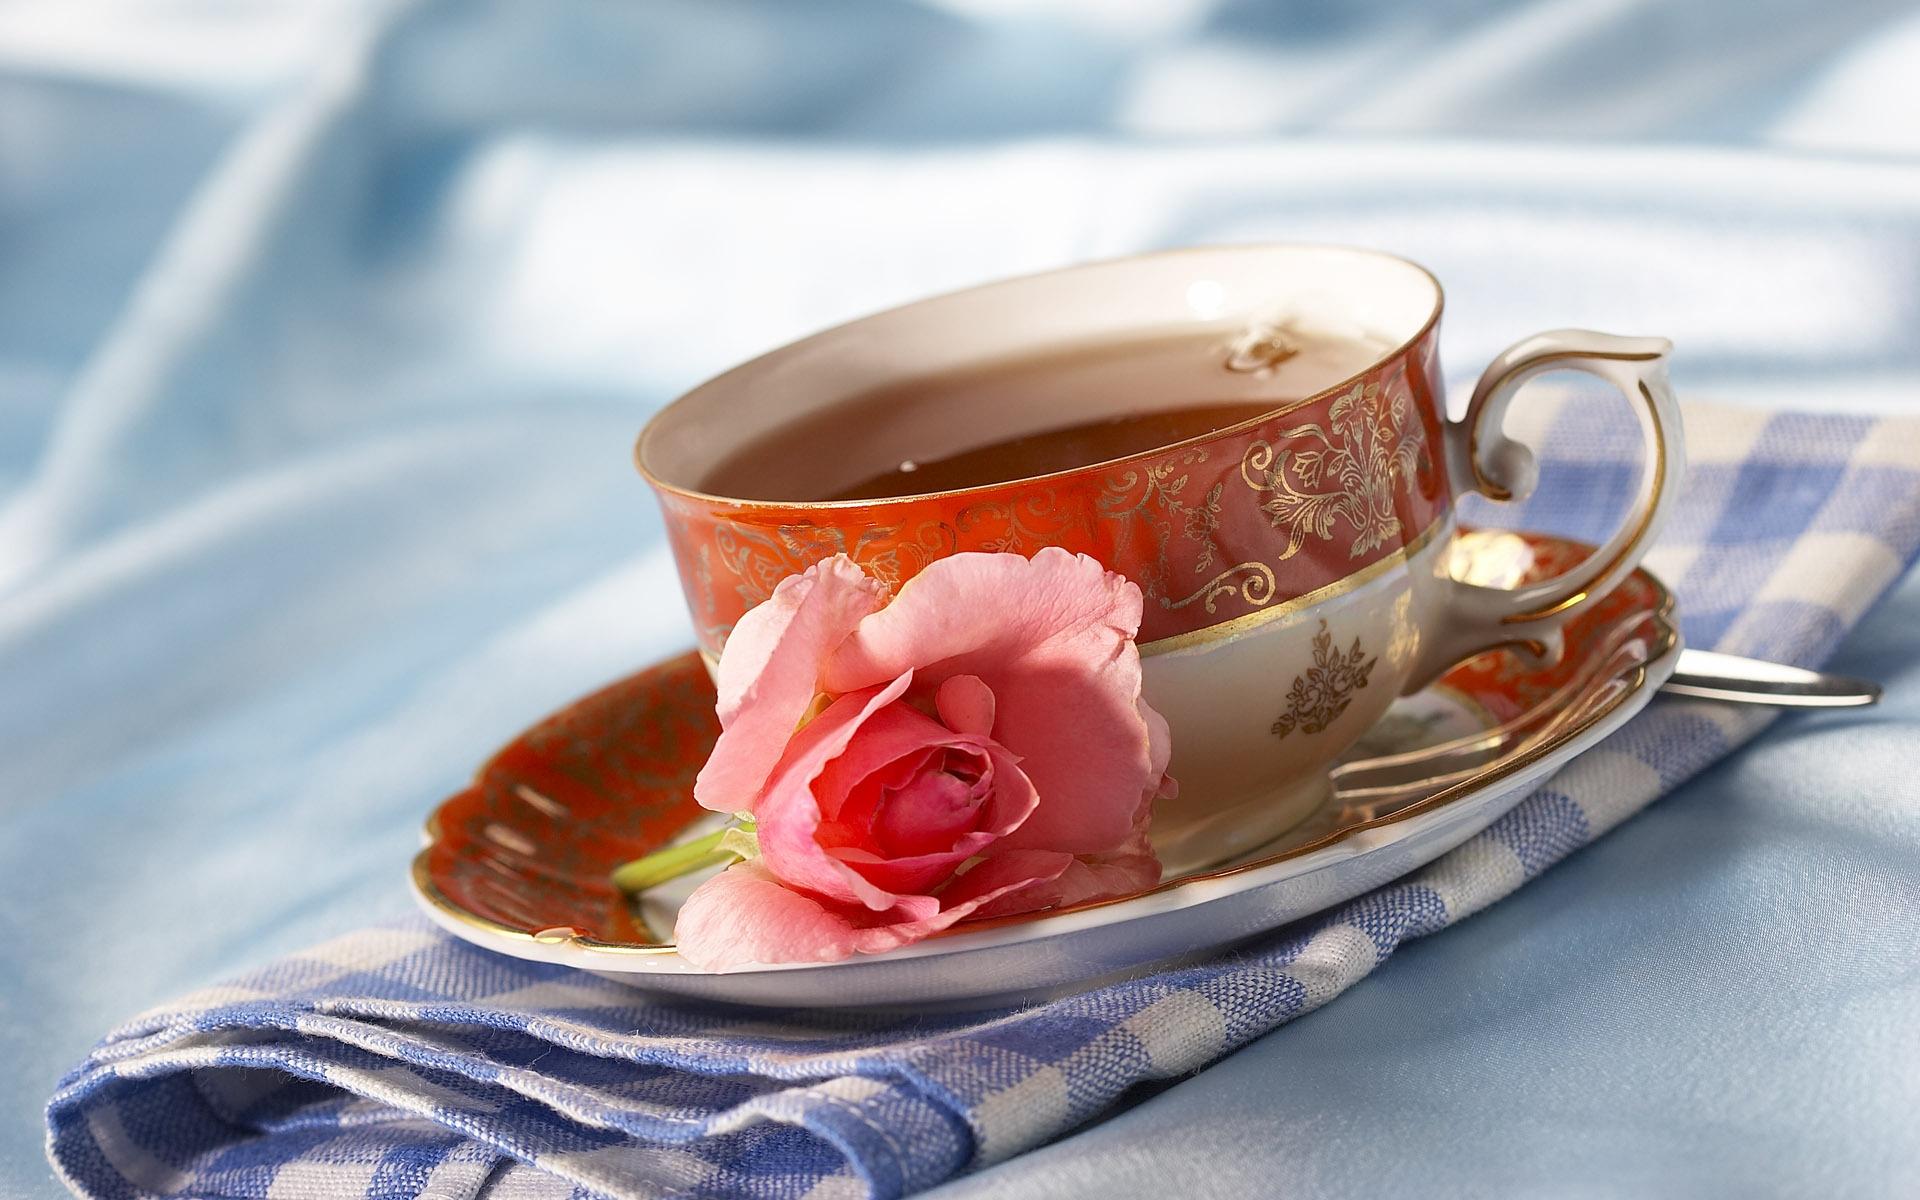 двухстороннее осветительное красивые открытки чаепития фоне